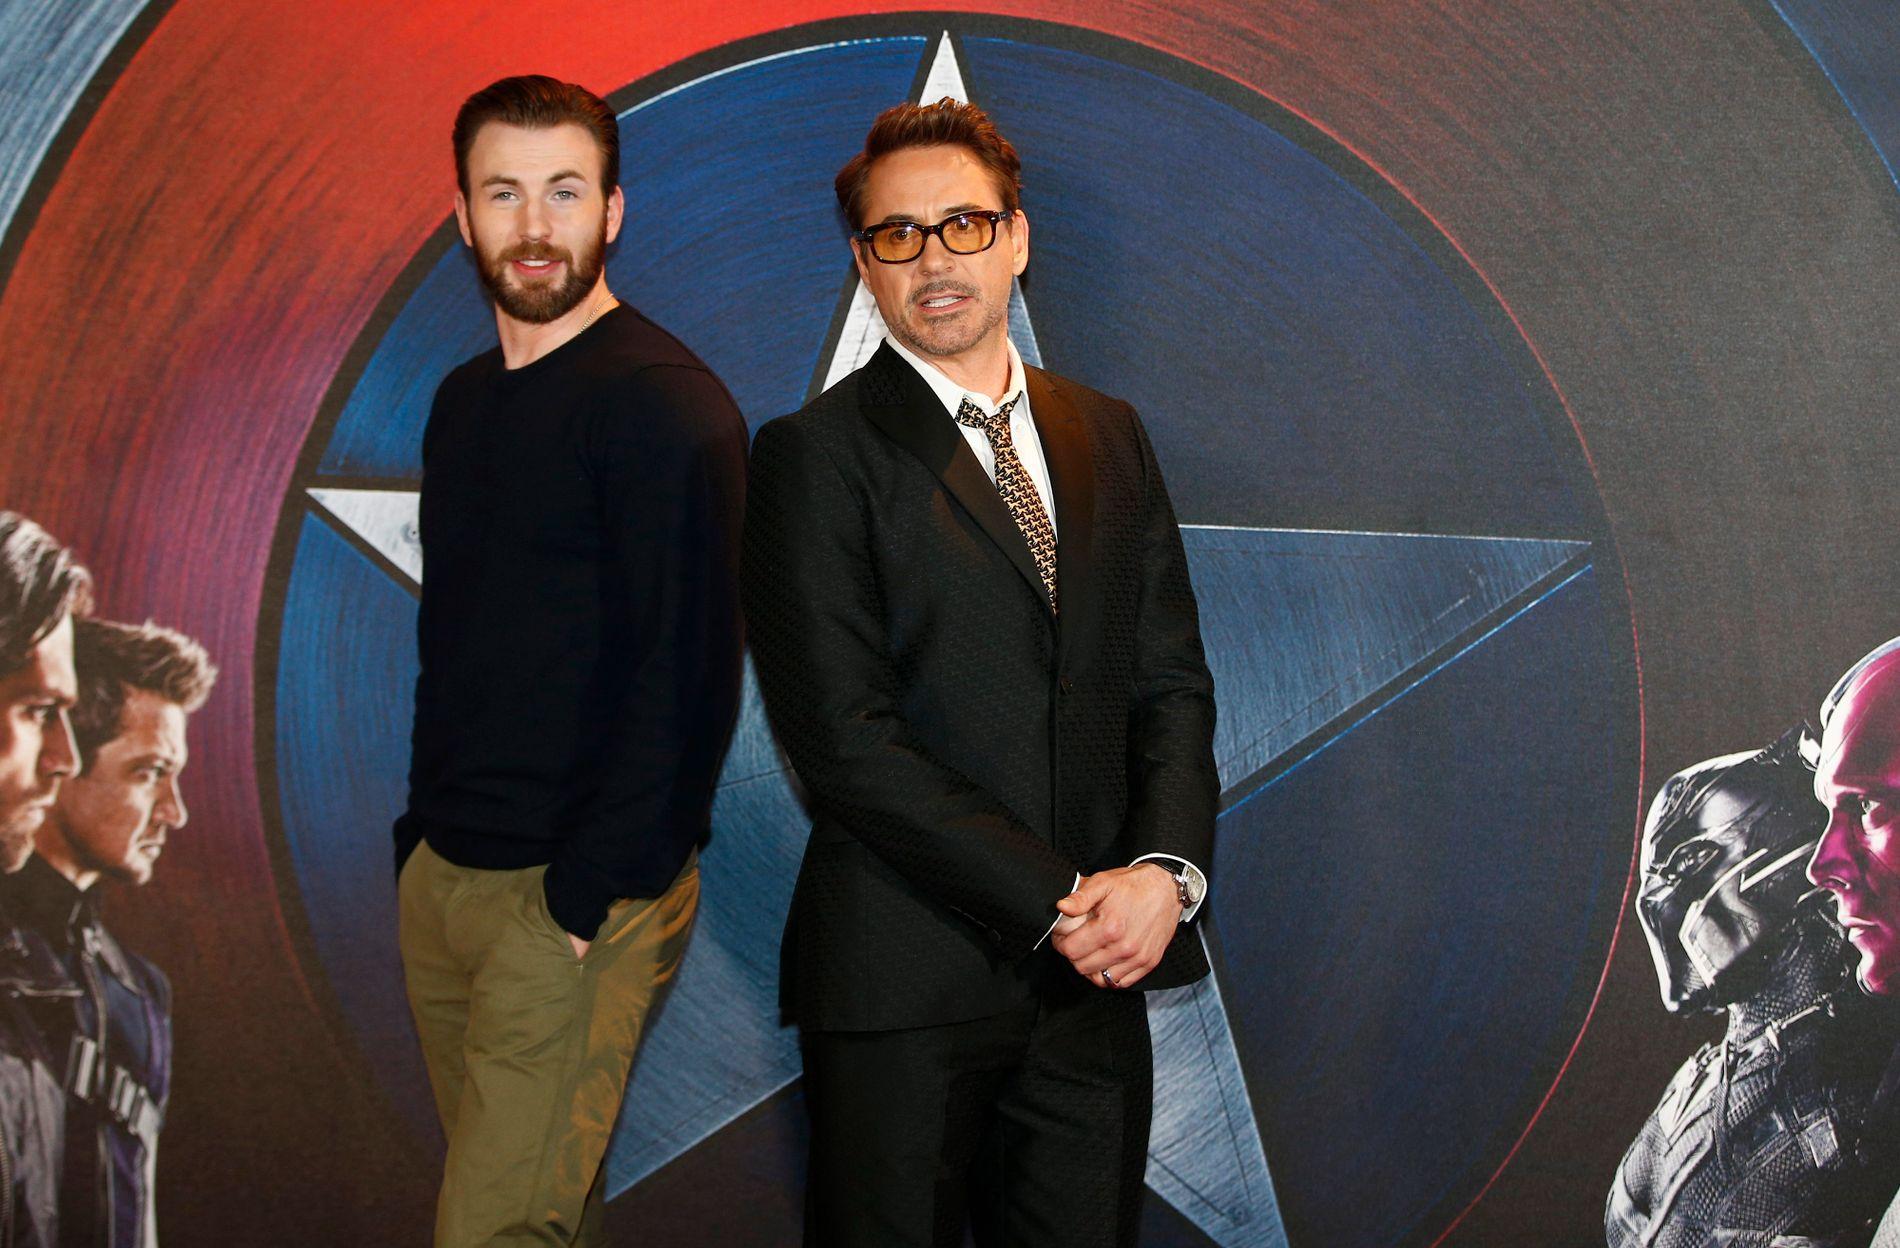 KJEMPER MOT HVERANDRE: De er superhelter begge to, men i «Captain America: Civil War» blir det konflikt mellom Captain America (Chris Evans) og Iron Man (Robert Downey Jr. )